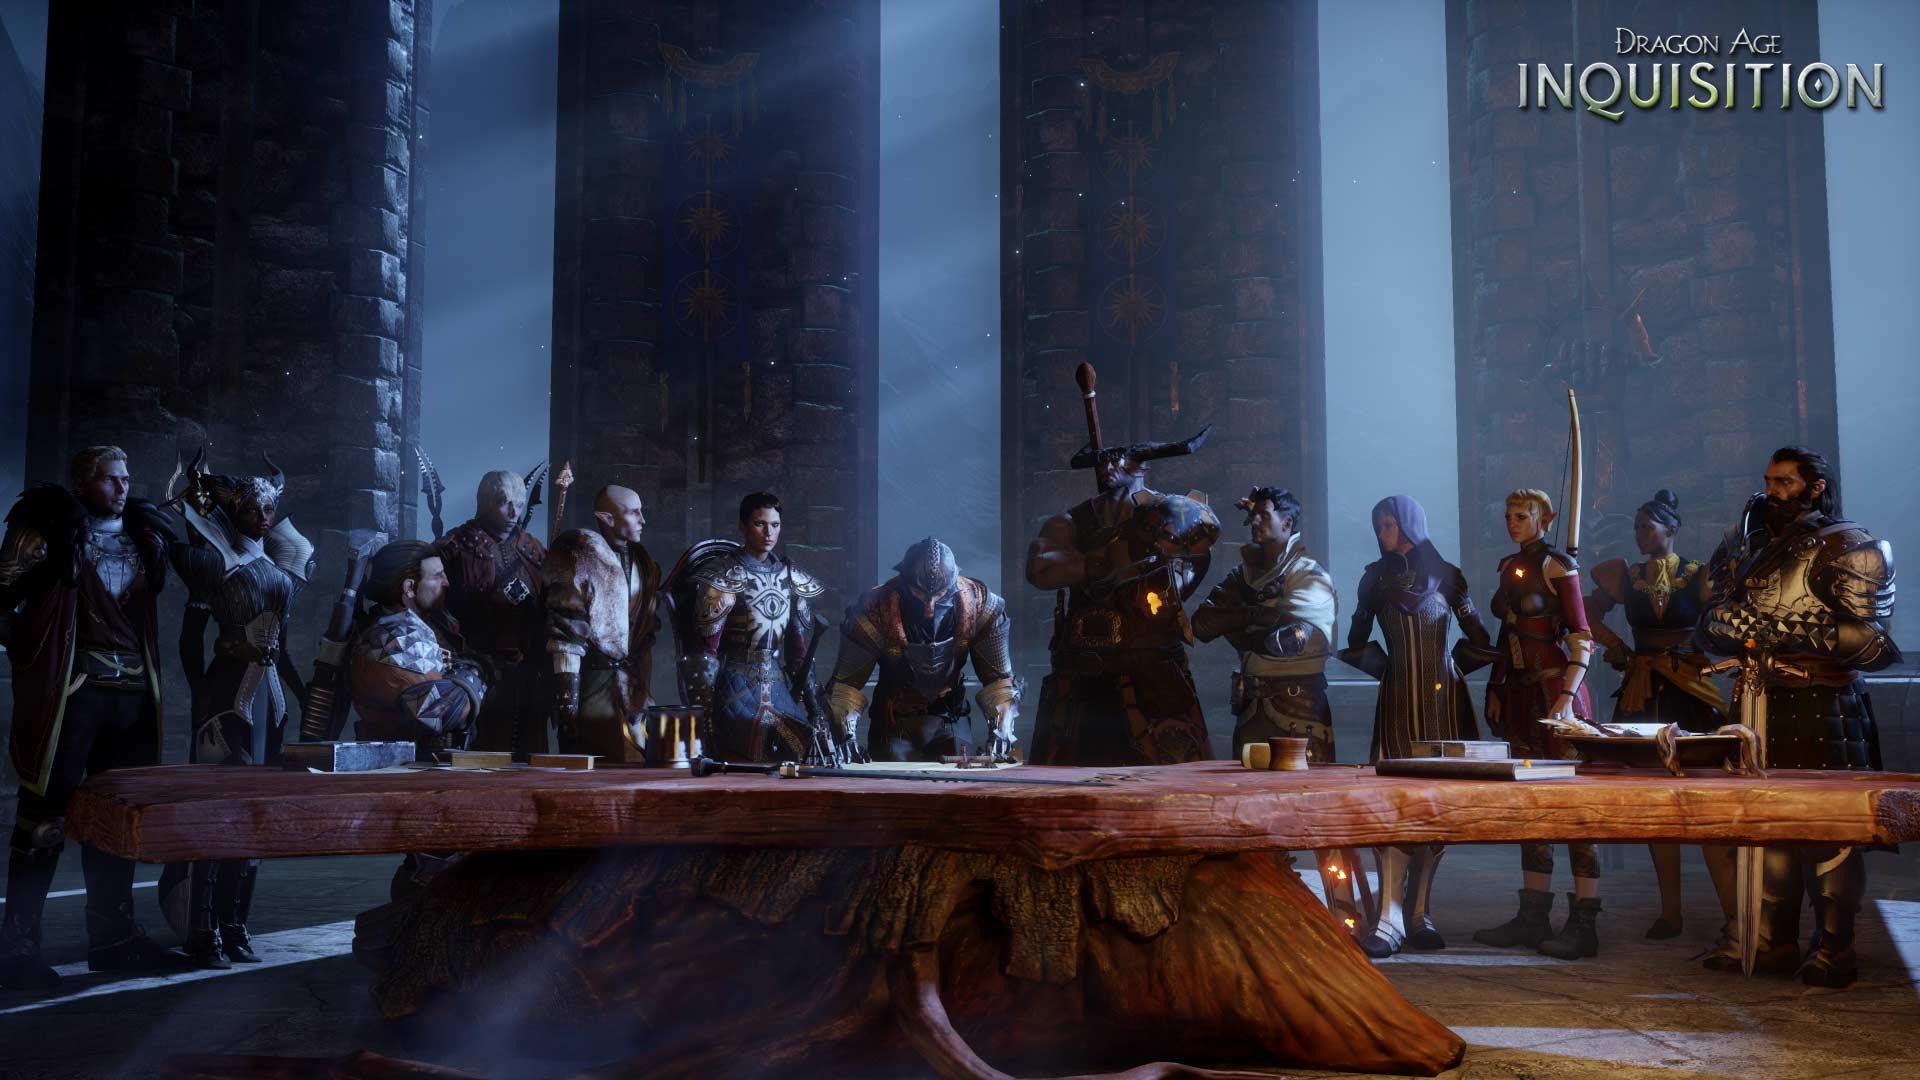 Dragon Age: Inquisition запрещена в Индии по причине наличия в игре гомосексуального контента - Изображение 1